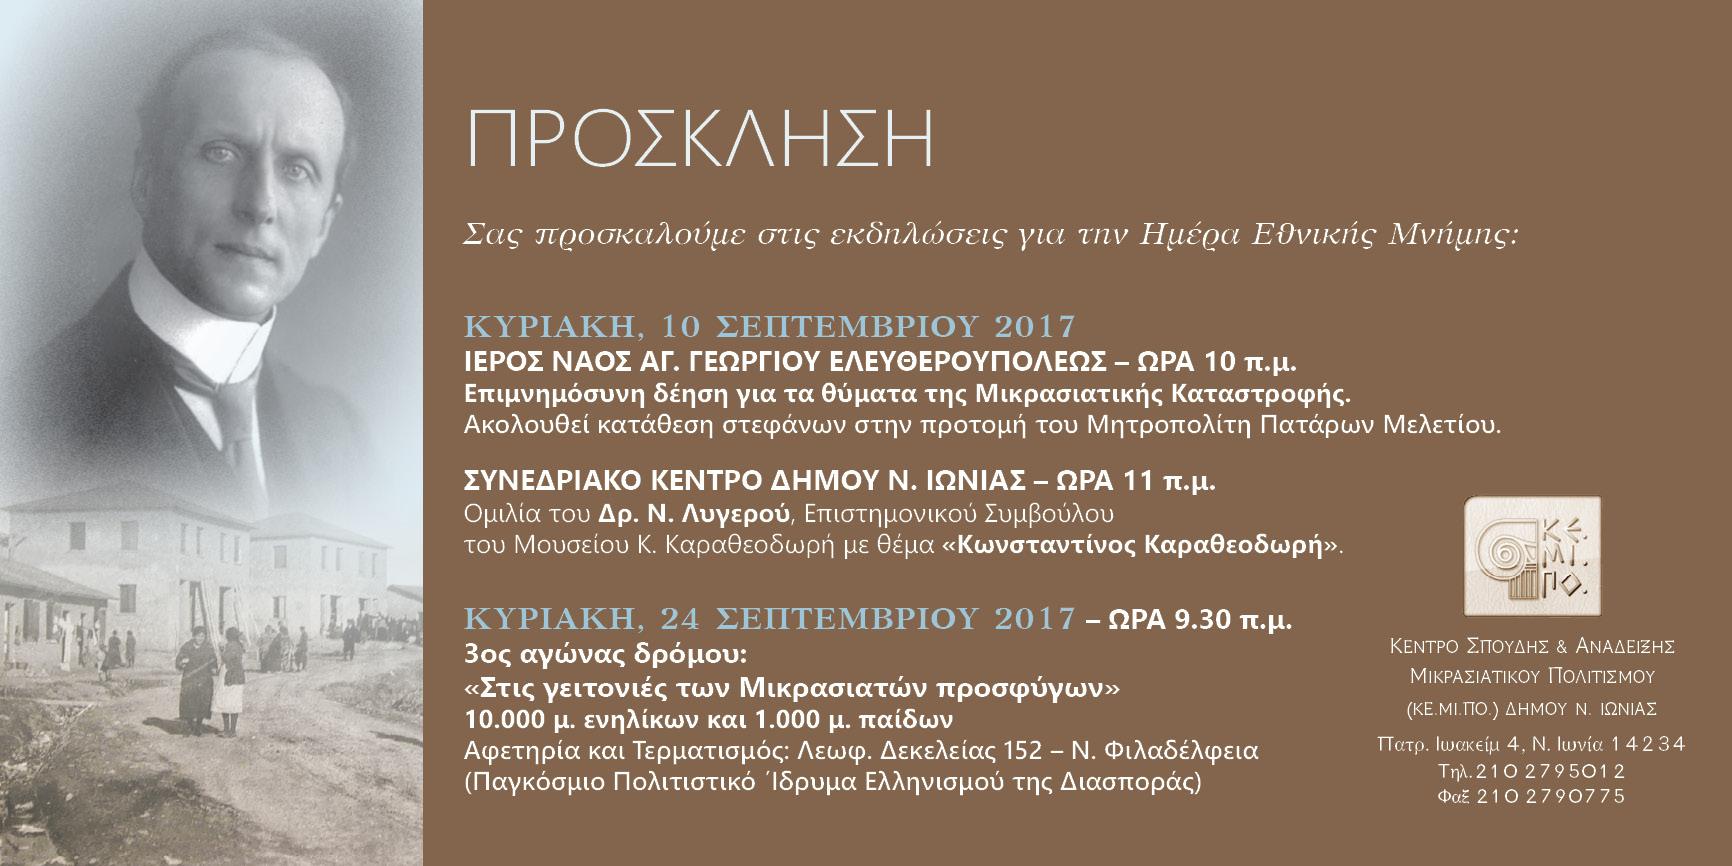 Ομιλία: Κωνσταντίνος Καραθεοδωρή